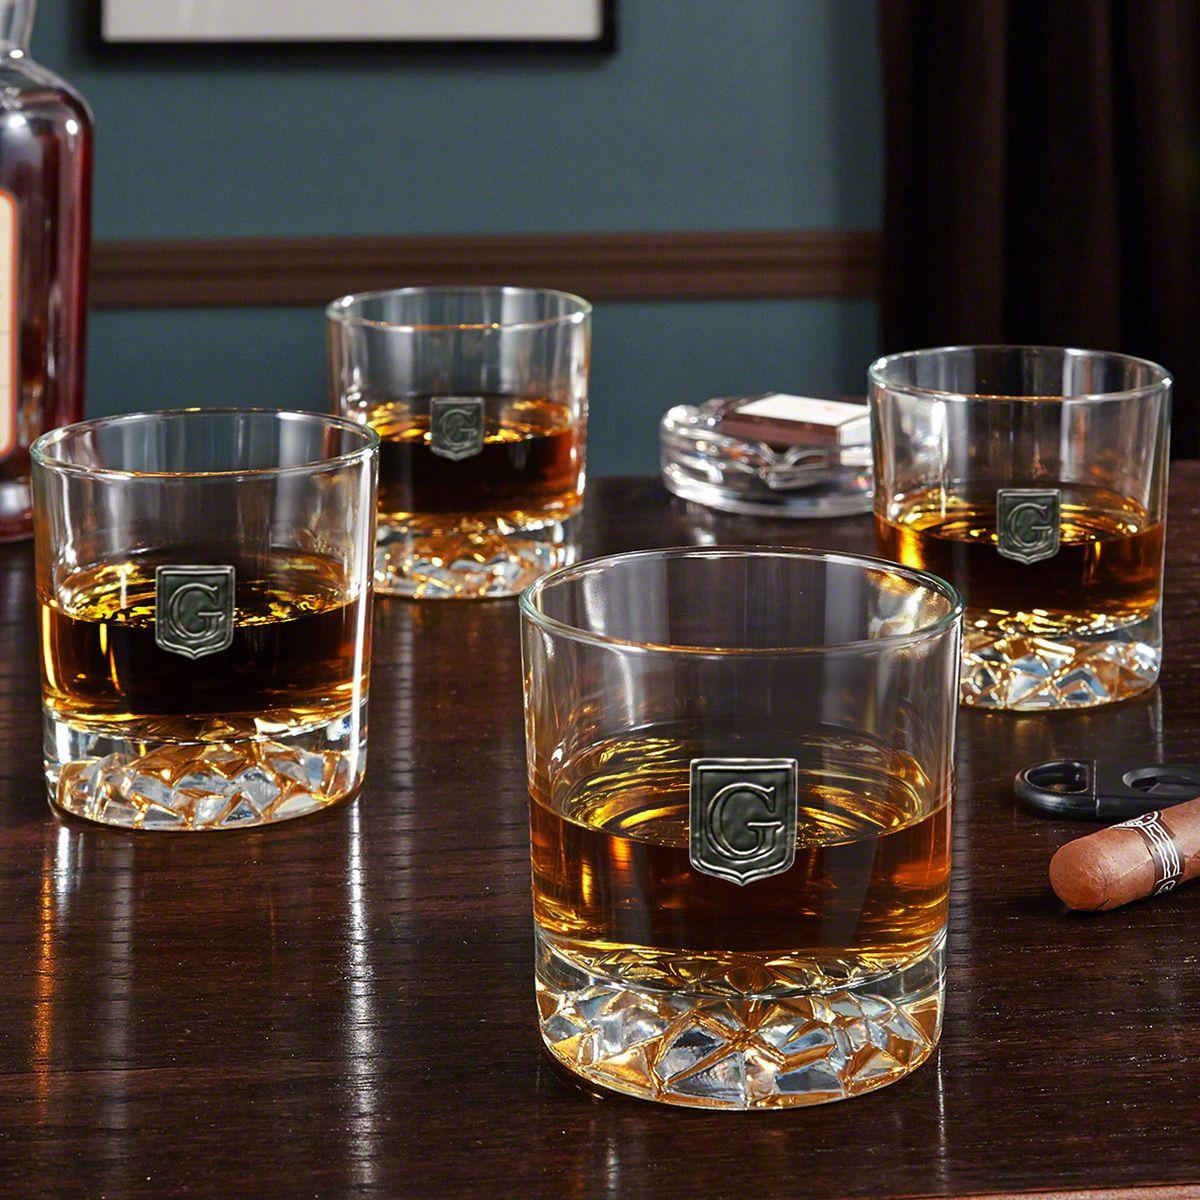 Regal Crested Fairbanks Whiskey Glasses, Set of 4